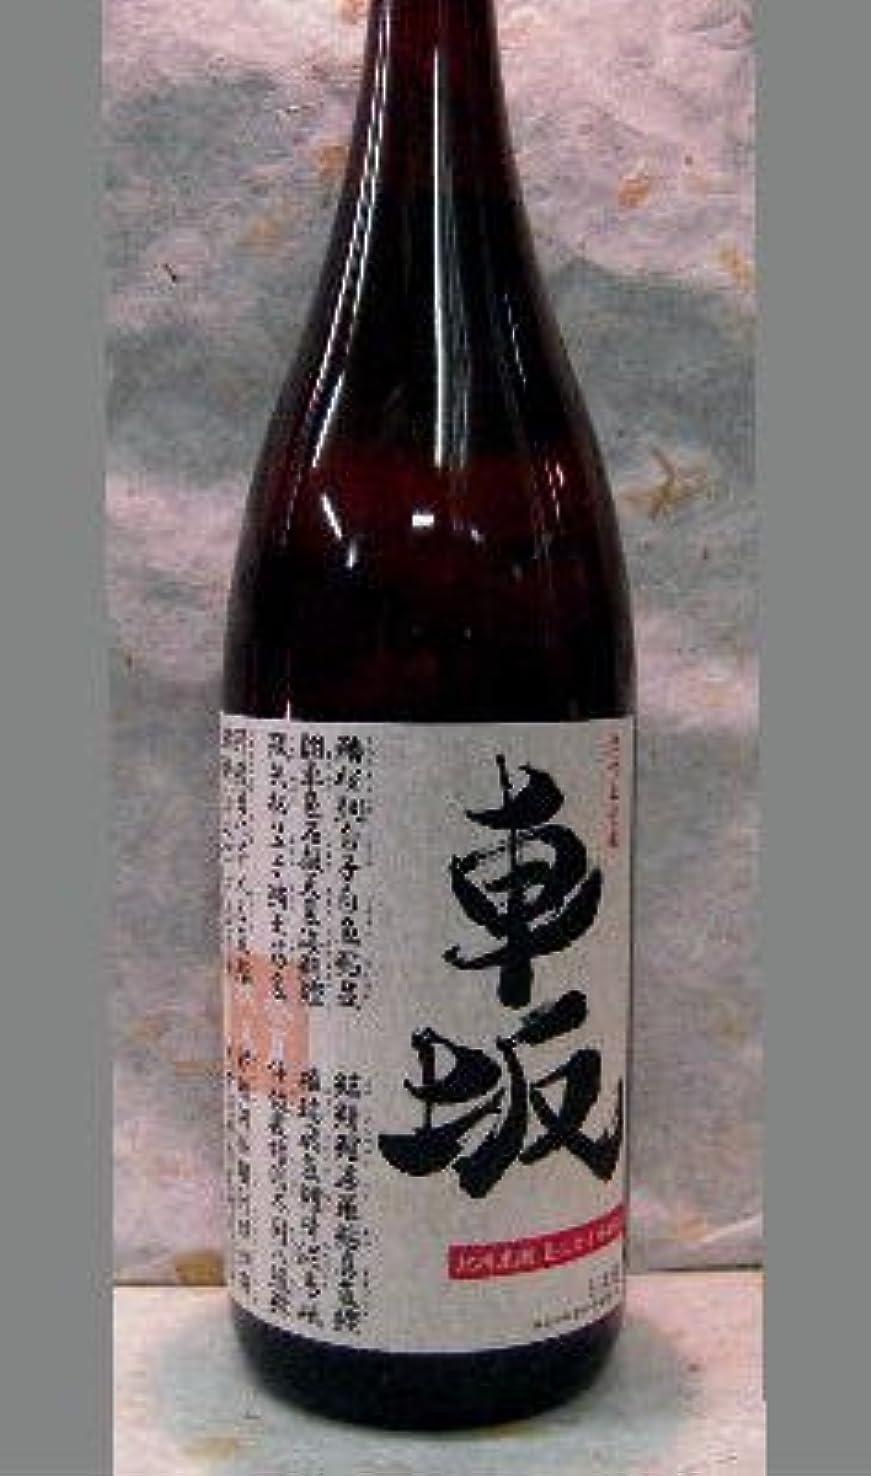 事くそージョージハンブリー玉川 純米大吟醸 1800ml (化粧箱入り)